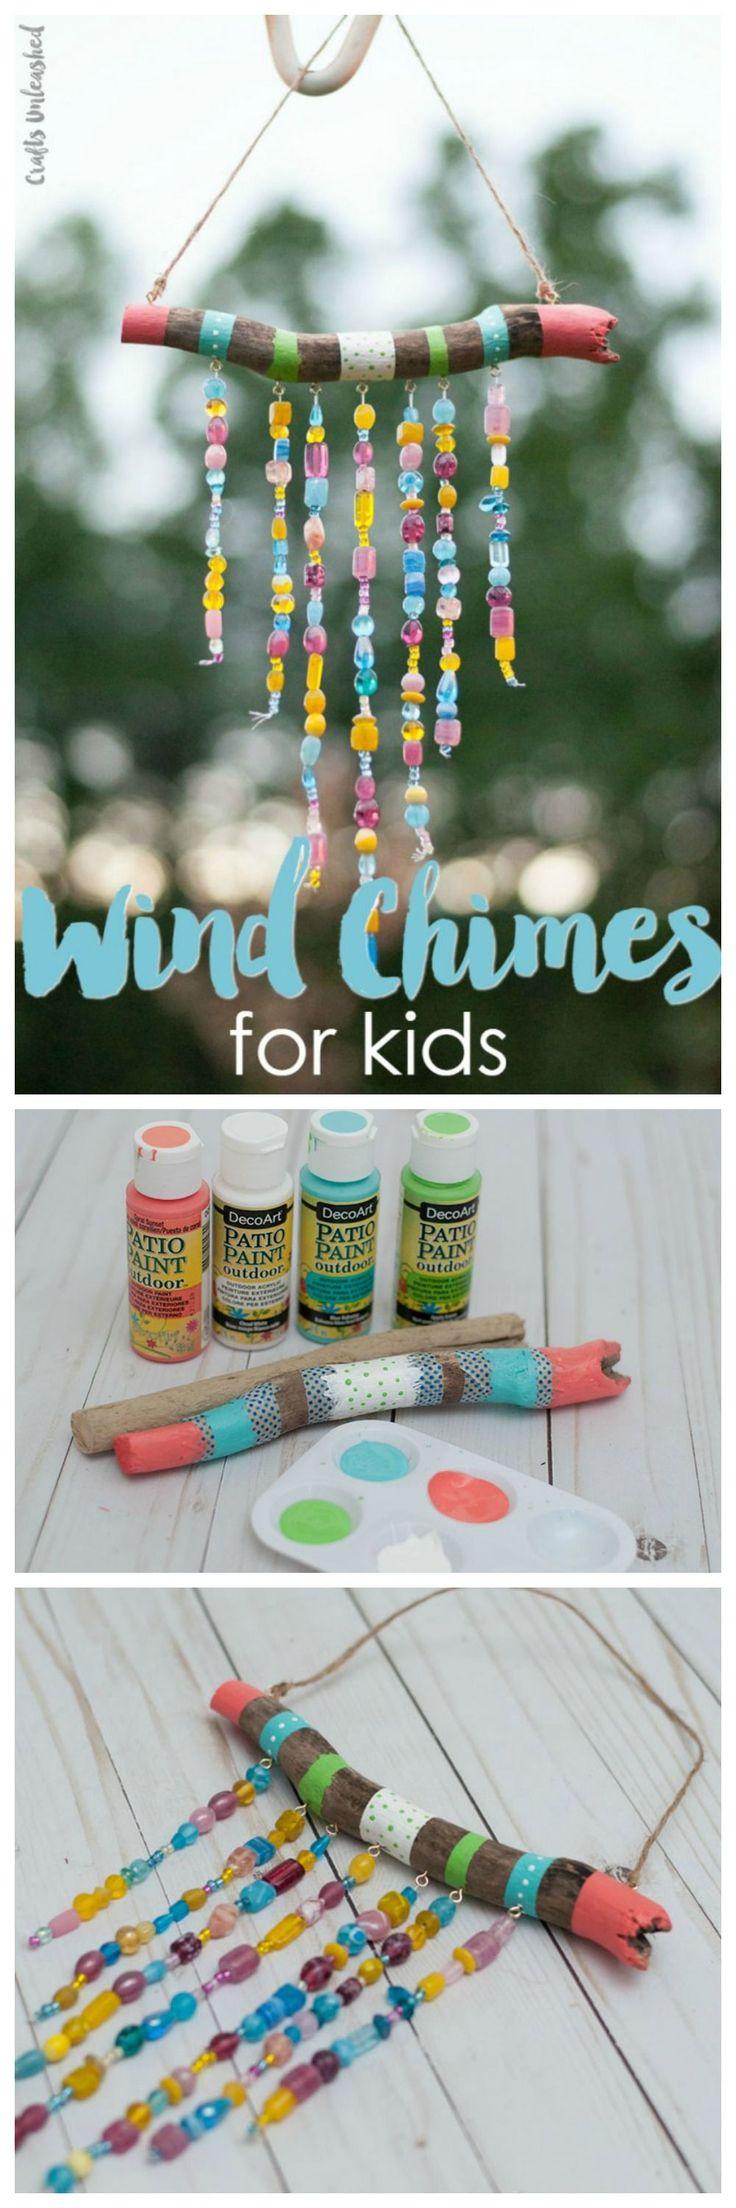 The 25 Best Wind Chimes Kids Ideas On Pinterest Wind